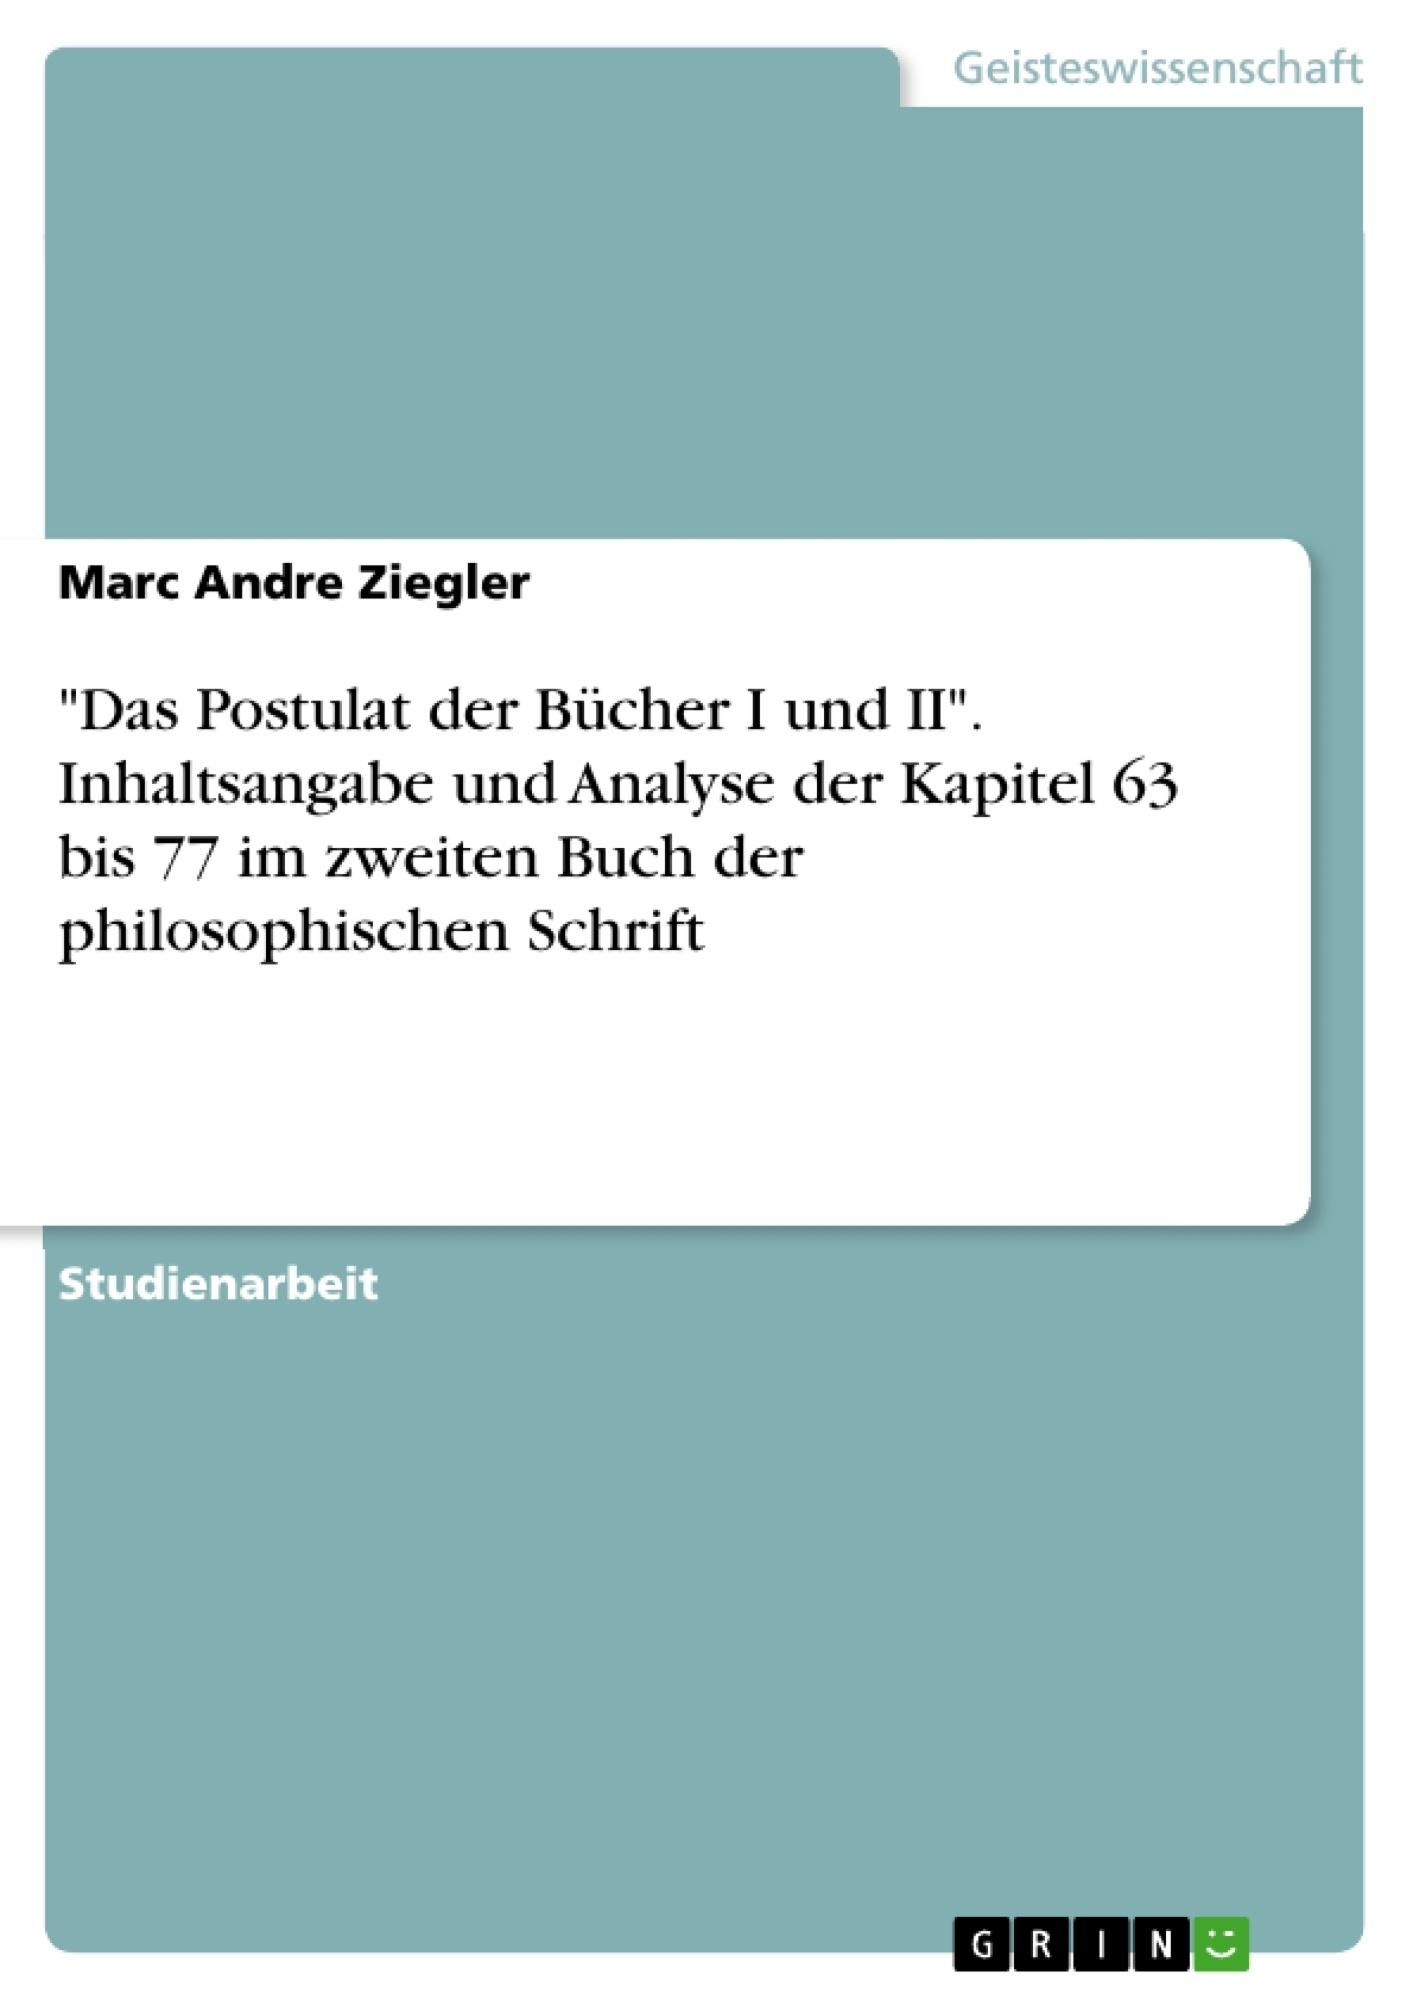 """Titel: """"Das Postulat der Bücher I und II"""". Inhaltsangabe und Analyse der Kapitel  63 bis 77 im zweiten Buch der philosophischen Schrift"""